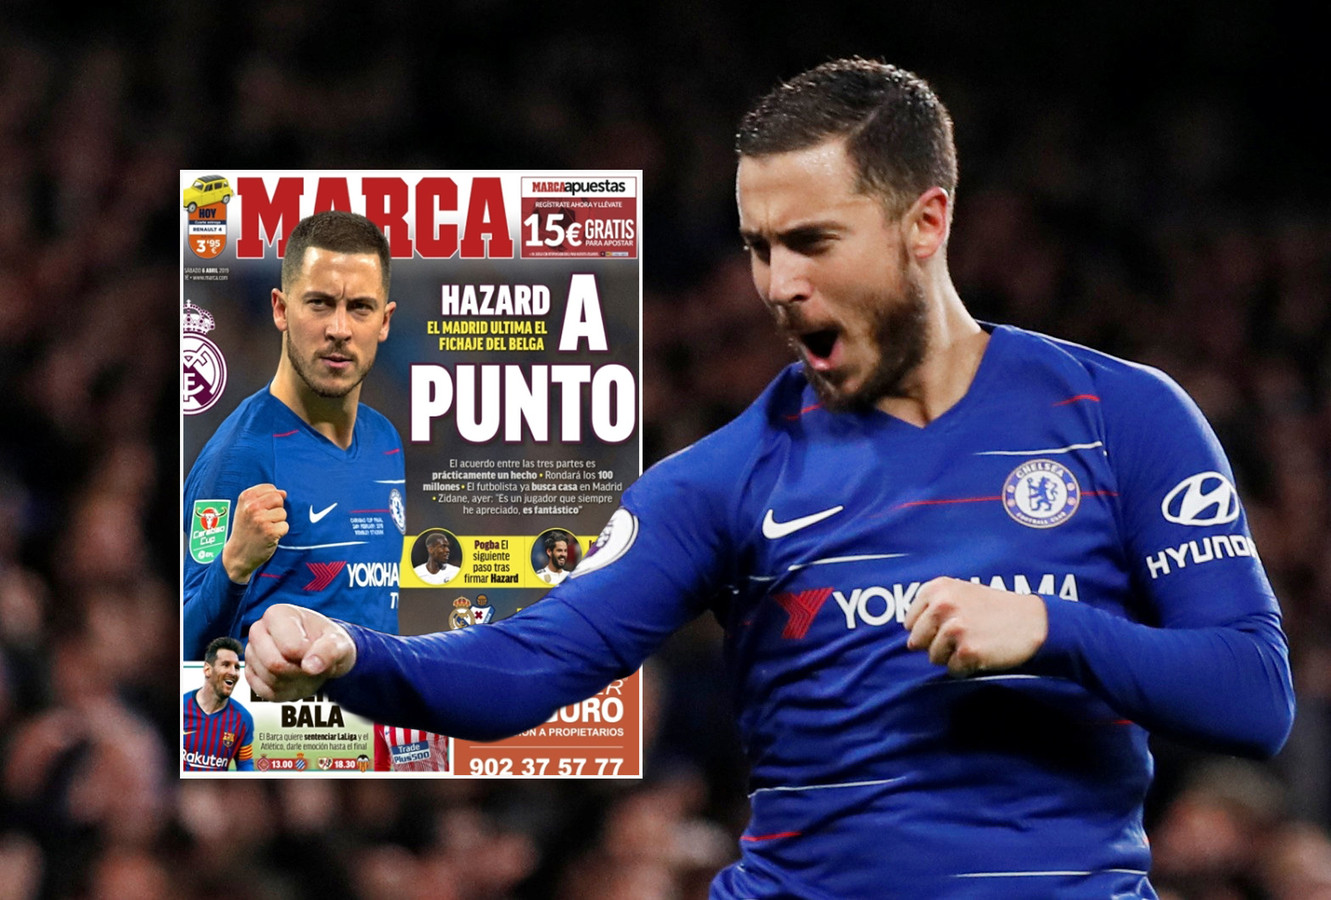 Eden Hazard. Inzet: de cover van Marca van vandaag.